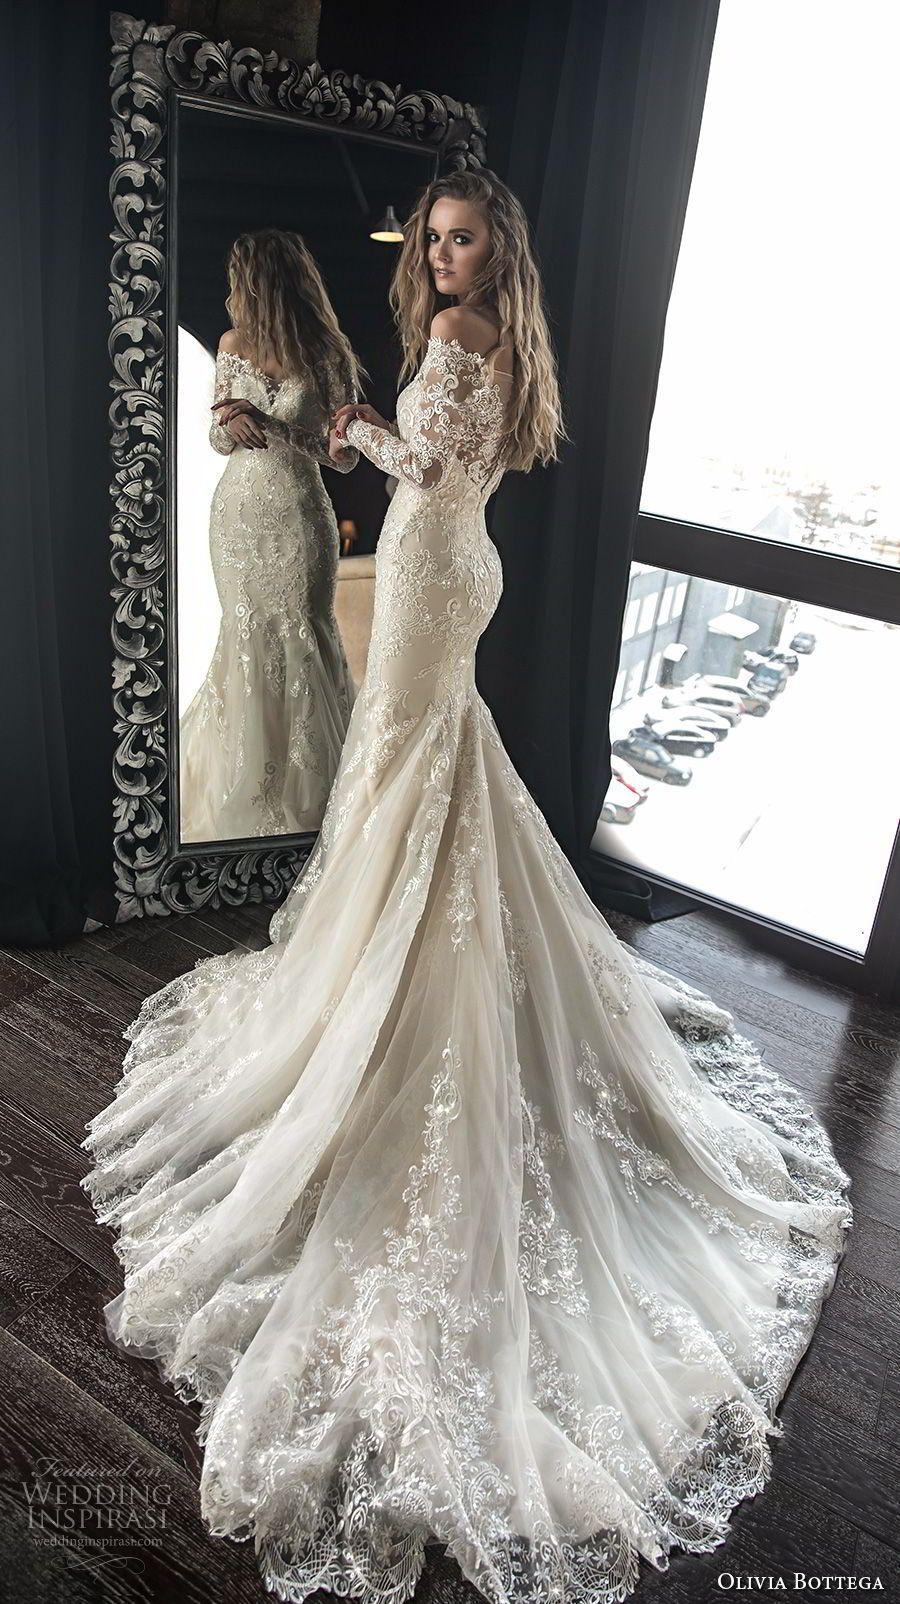 Olivia bottega wedding dresses for wedding pinterest lace